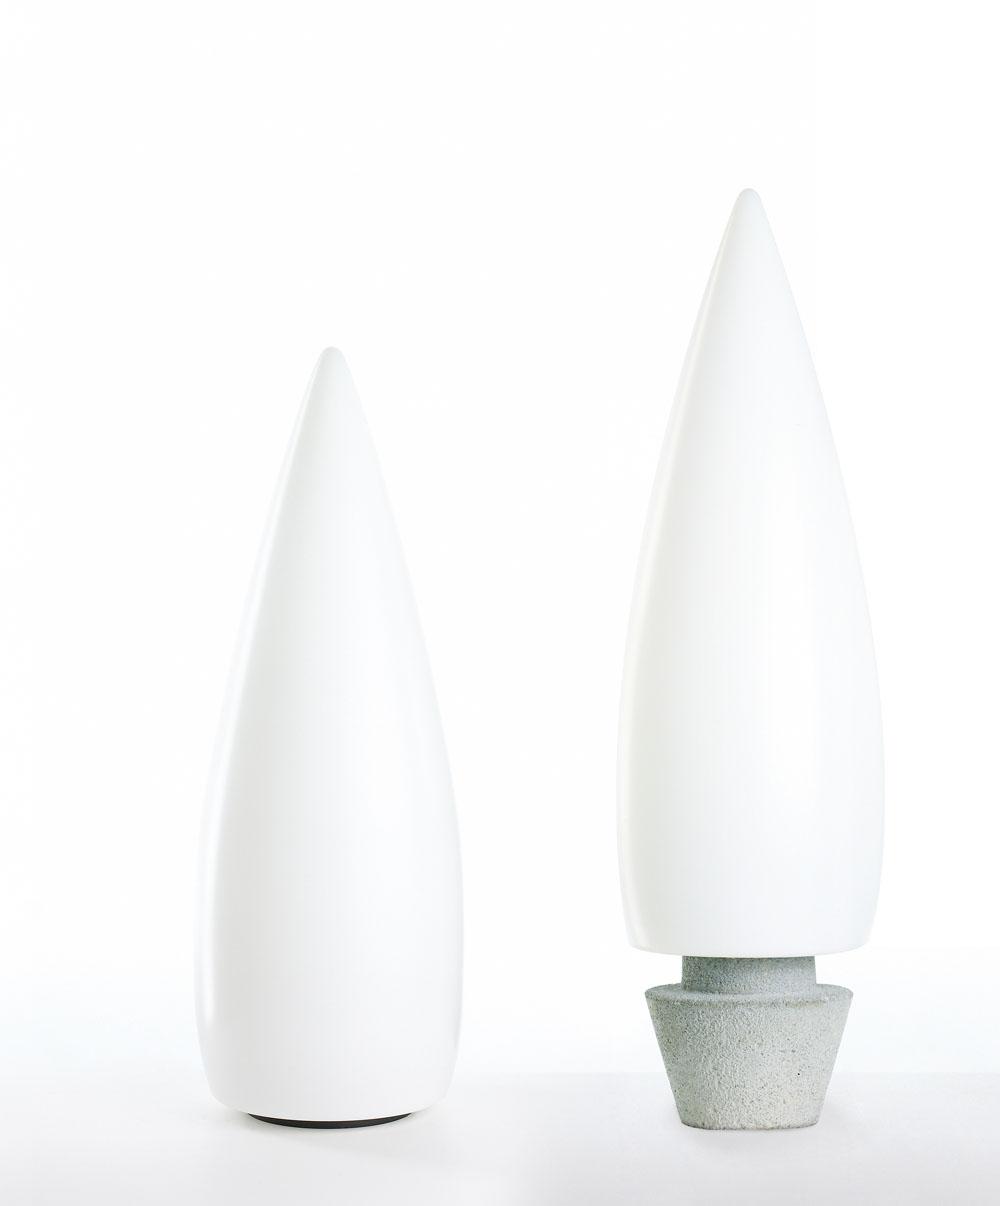 Kanpazar 150C lámpara de Pie G5 2x21w - blanco opal